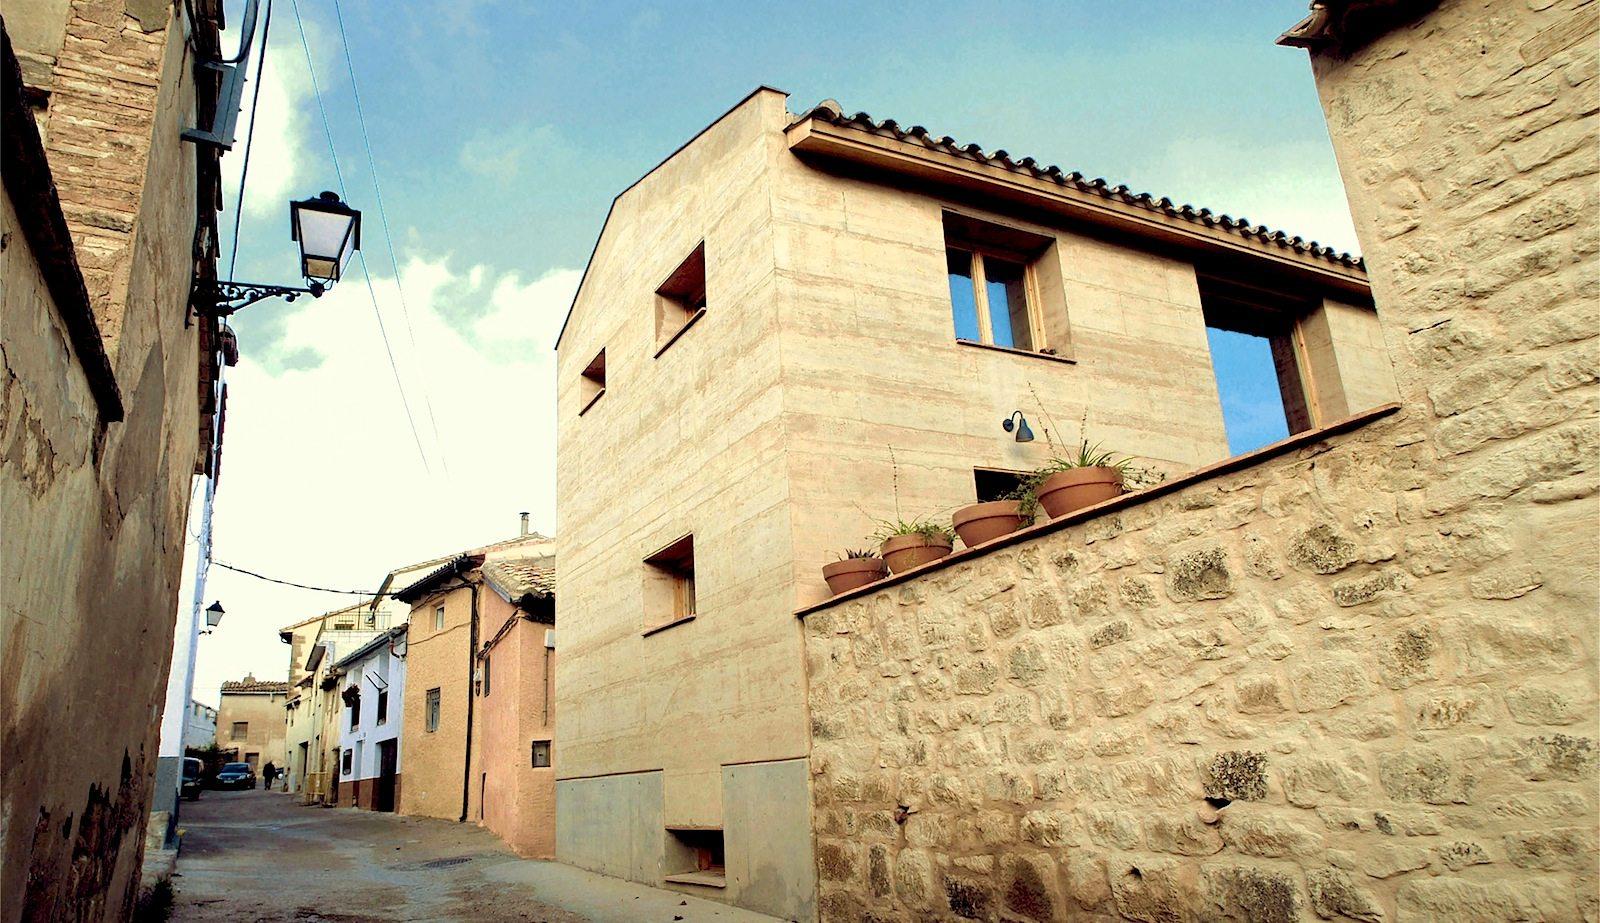 21st Century Vernacular House.  Wohnhaus in Ayerbe, Spanien, von Angels Castellarnau Visus.